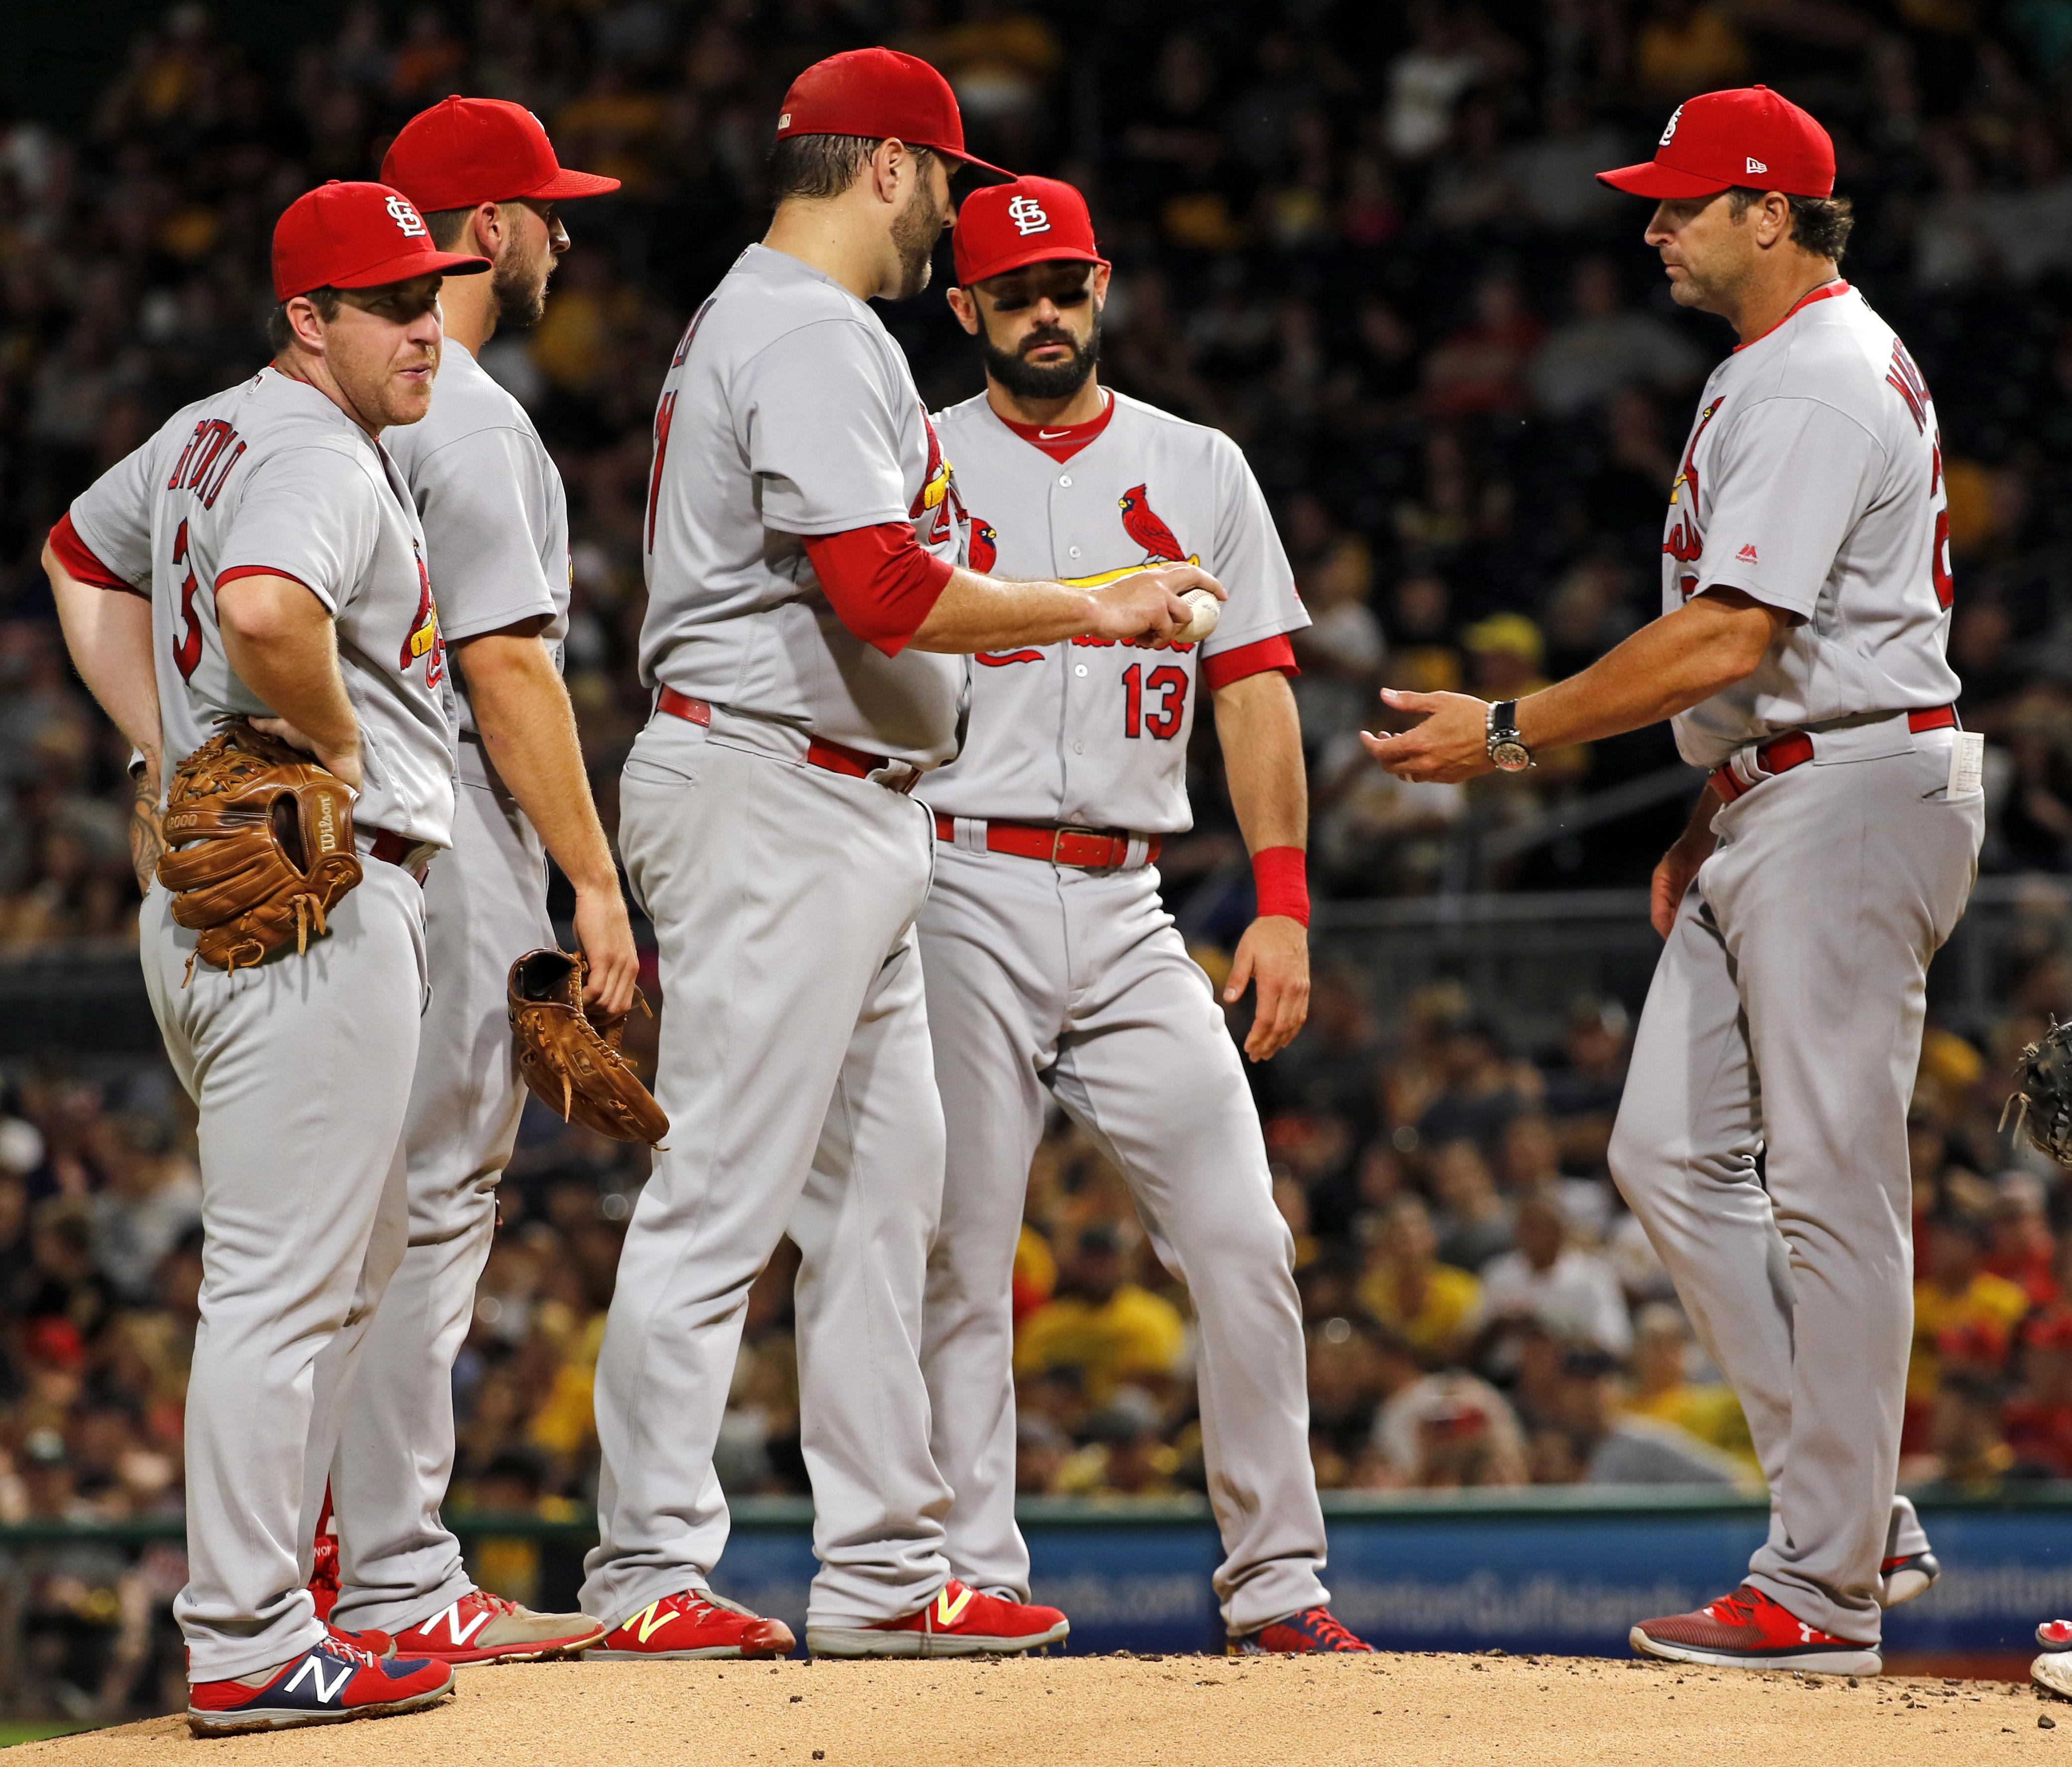 Cardinals_pirates_baseball_66356